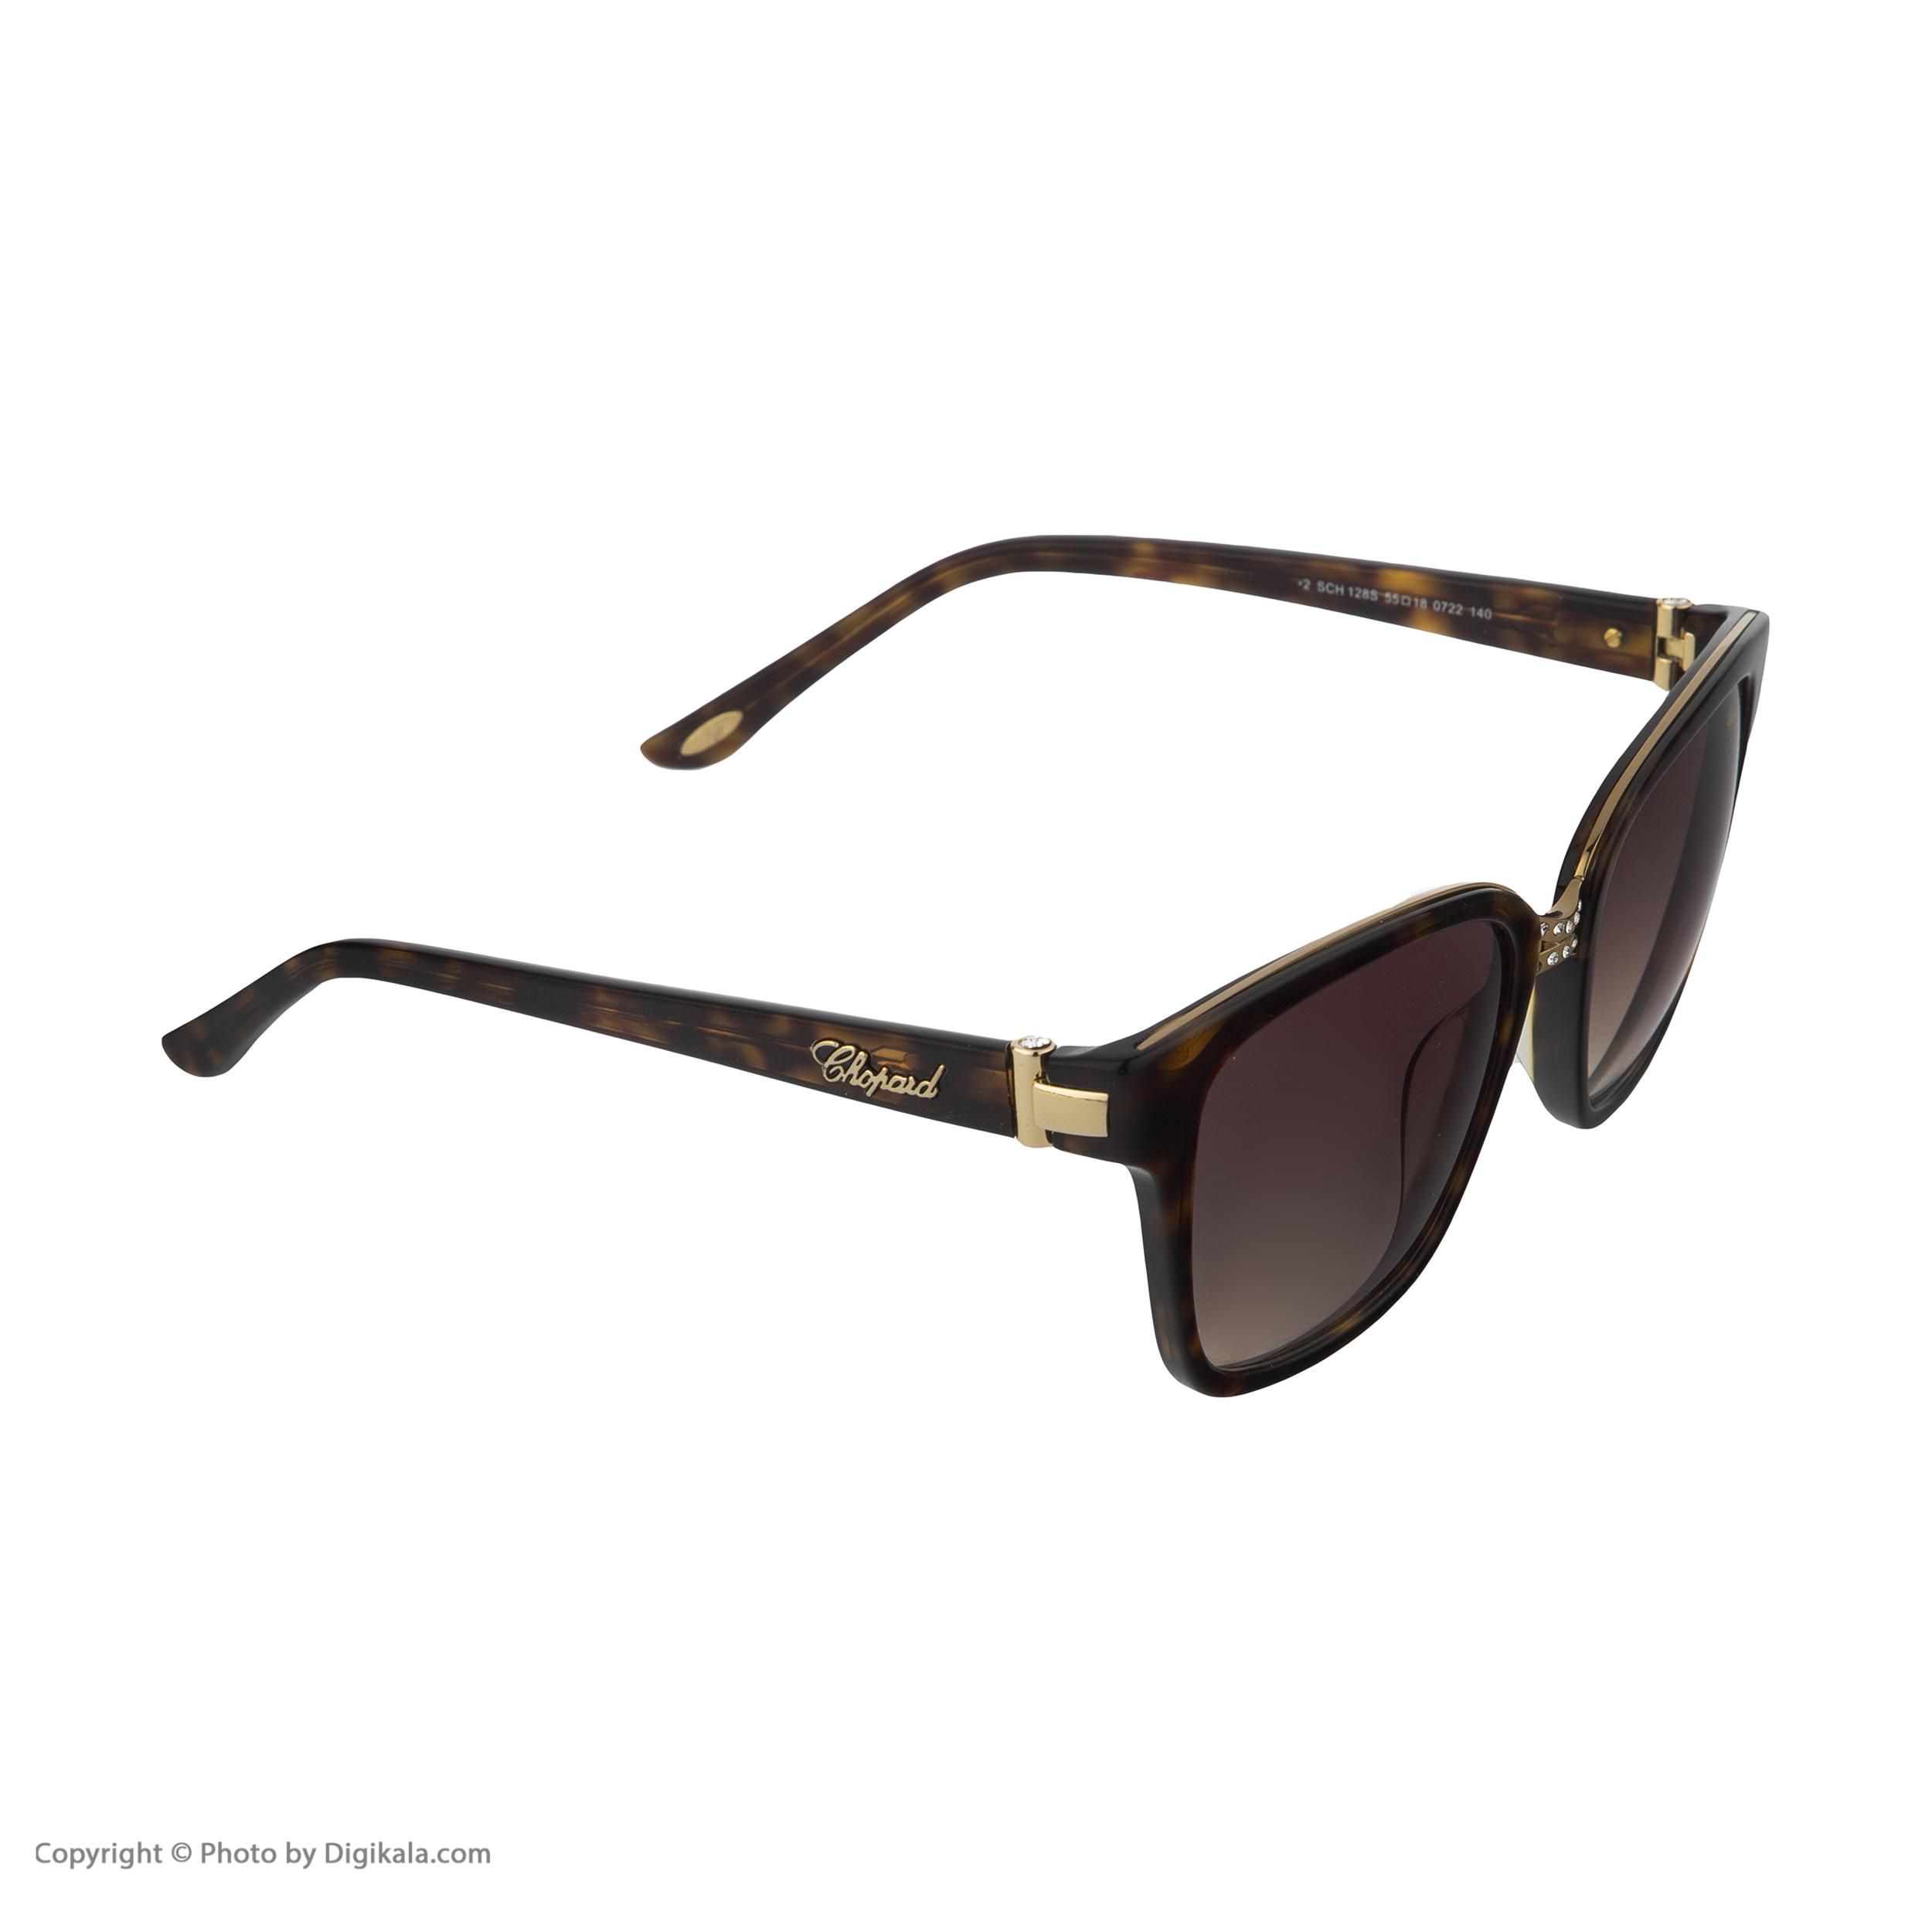 عینک آفتابی زنانه شوپارد مدل 128s -  - 5